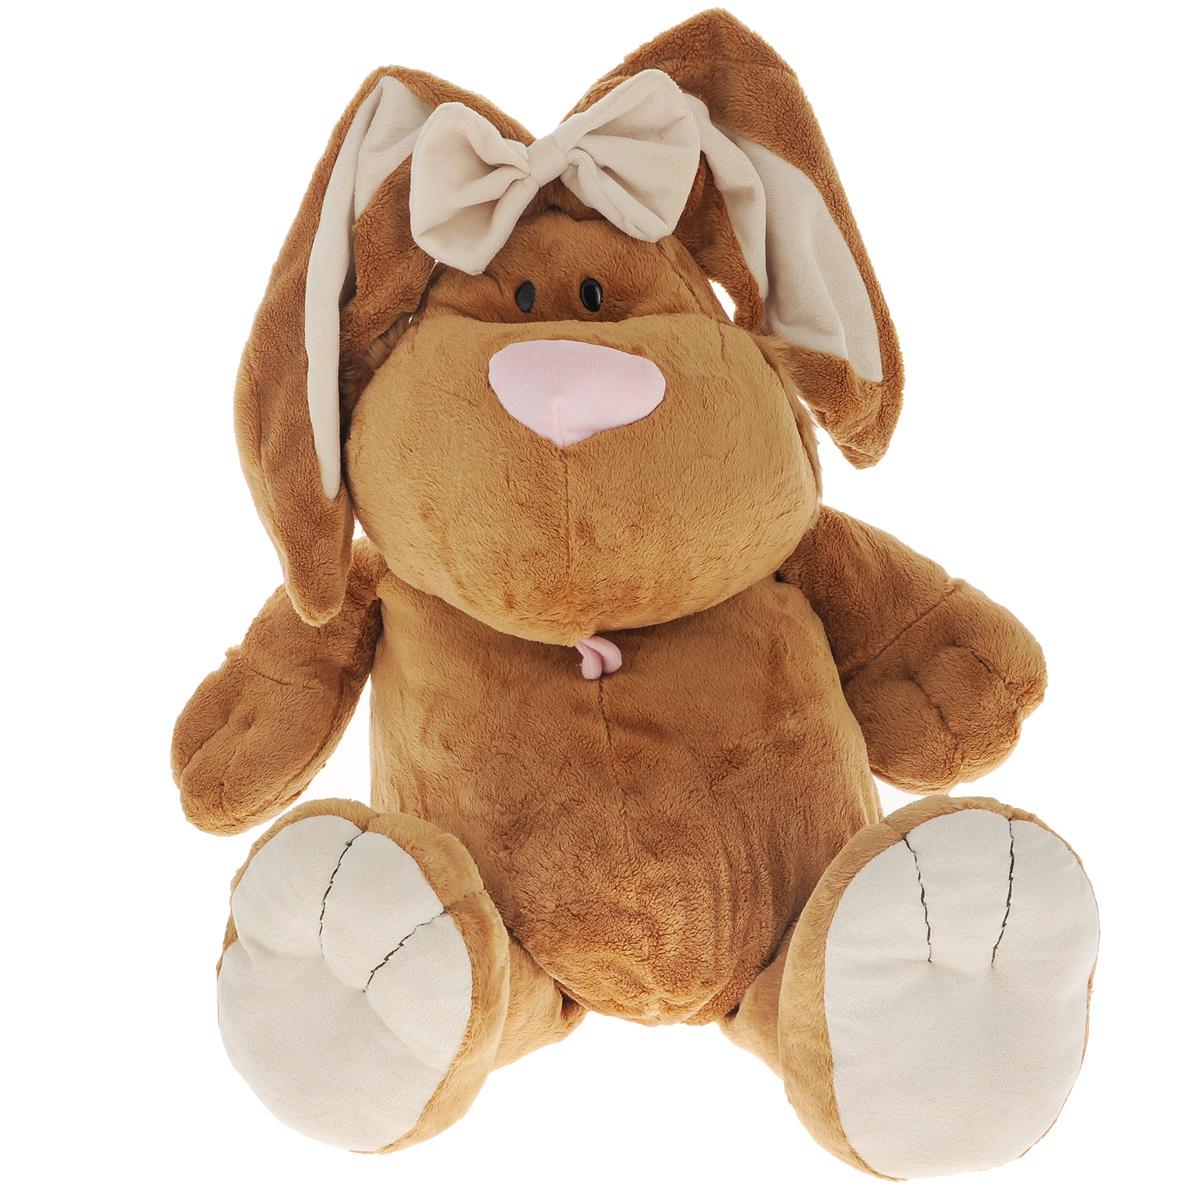 Gulliver Мягкая игрушка Кролик сидячий 71 cм7-42047Мягкая игрушка Кролик сидячий обязательно покорит сердце малыша. Ребенок не захочет расставаться с плюшевым кроликом не на секунду, ведь с ним можно отправиться в гости, на прогулку или к бабушке в деревню. Кролик украшен красивым бантом, может самостоятельно сидеть. Играть с ним можно в любую игру. Ребенок сможет устроить домашнее чаепитие и пригласить друзей или поиграть в волшебника с исчезновением очаровательного кролика. Играя с мягким кроликом, ребенок не будет ограничивать свою фантазию, с ним можно придумать много сюжетов. Мягкие игрушки Gulliver действуют позитивно на растущий детский организм, обучая ласке и доброте, улучшают настроение ребенка, развивают тактильную чувствительность, стимулируют зрительное восприятие, хватательные рефлексы и моторику рук.